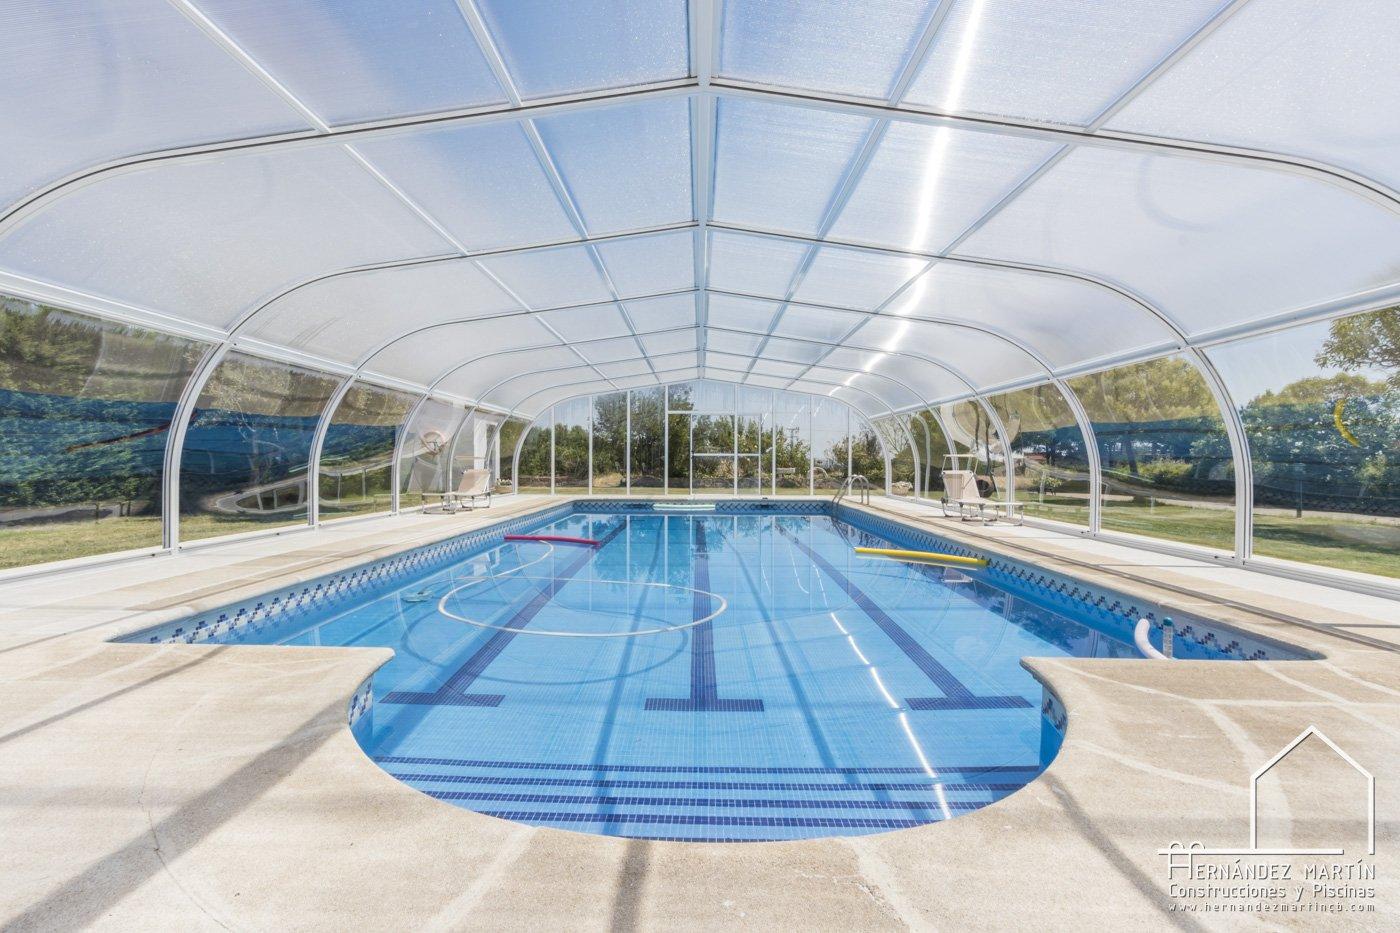 hernandez martin construcciones y piscinas experiencia obra piscina tradicional zamora salamanca valladolid